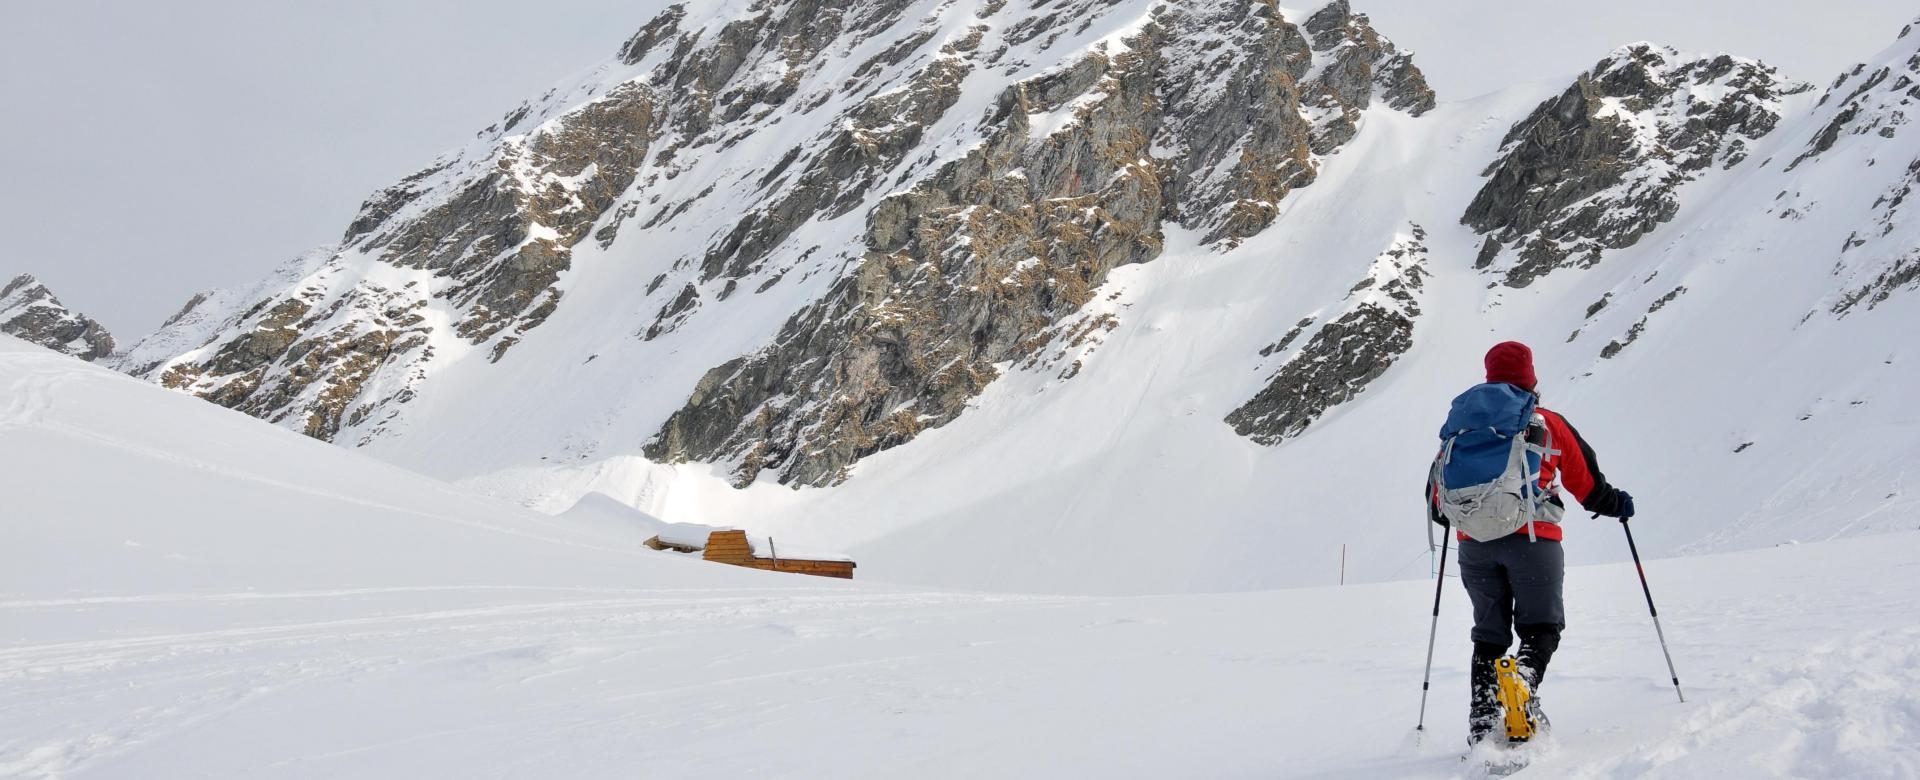 Voyage à la neige : Bucarest, carpates et transylvanie en hiver